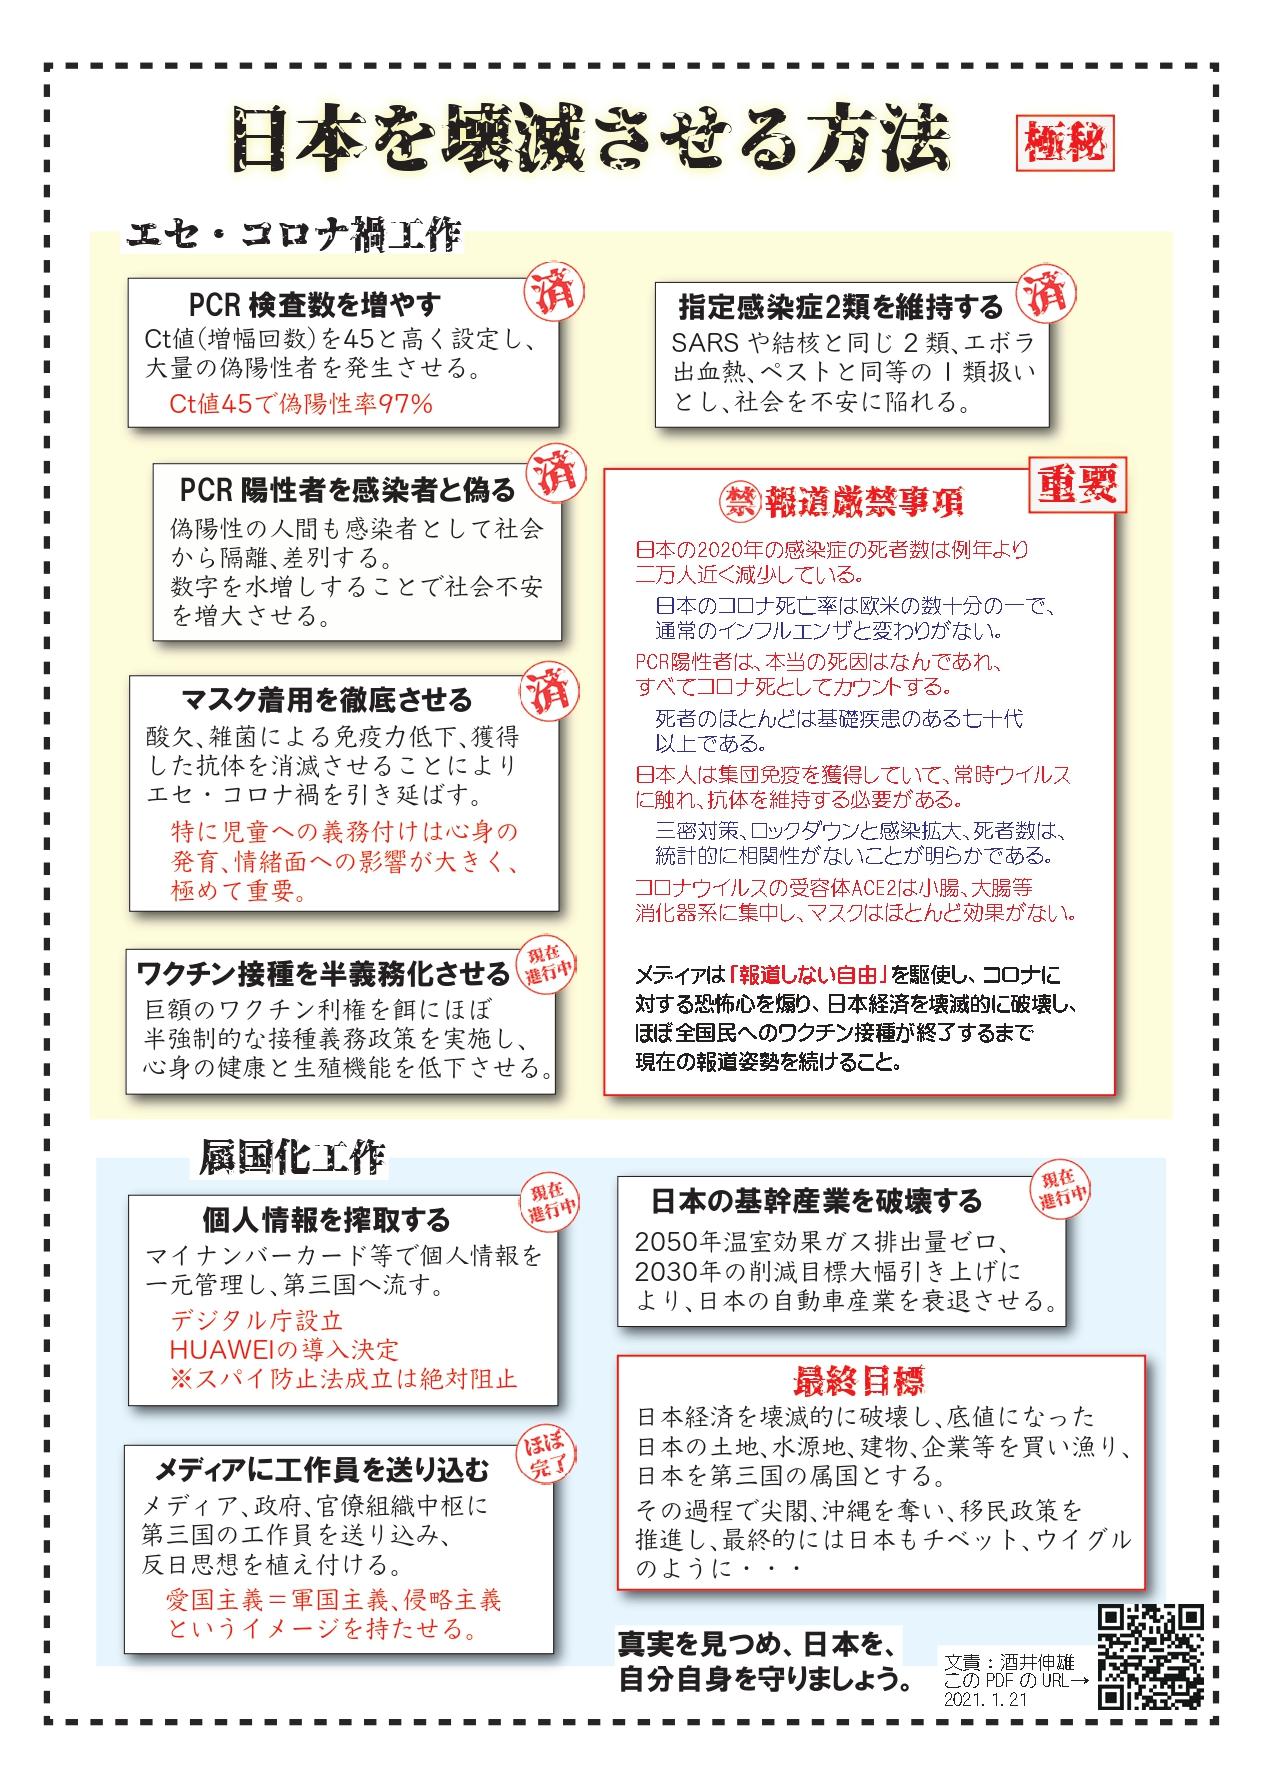 日本国家を壊滅させる方法